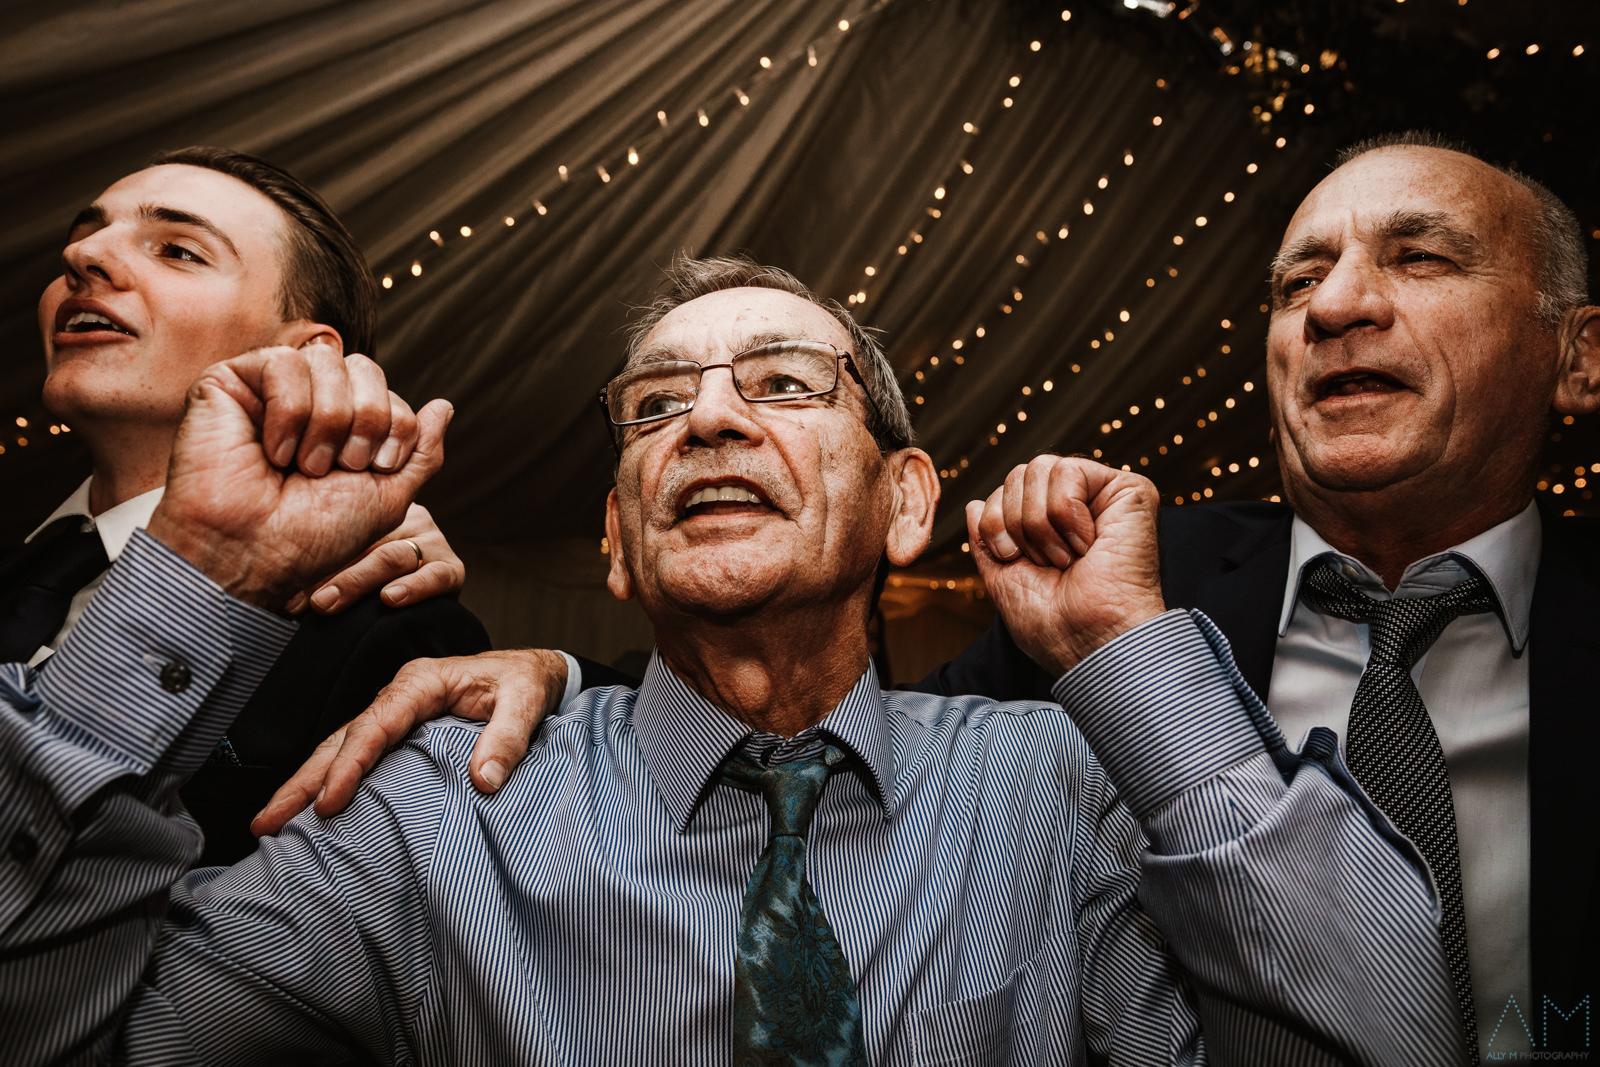 Guys on the dancefloor